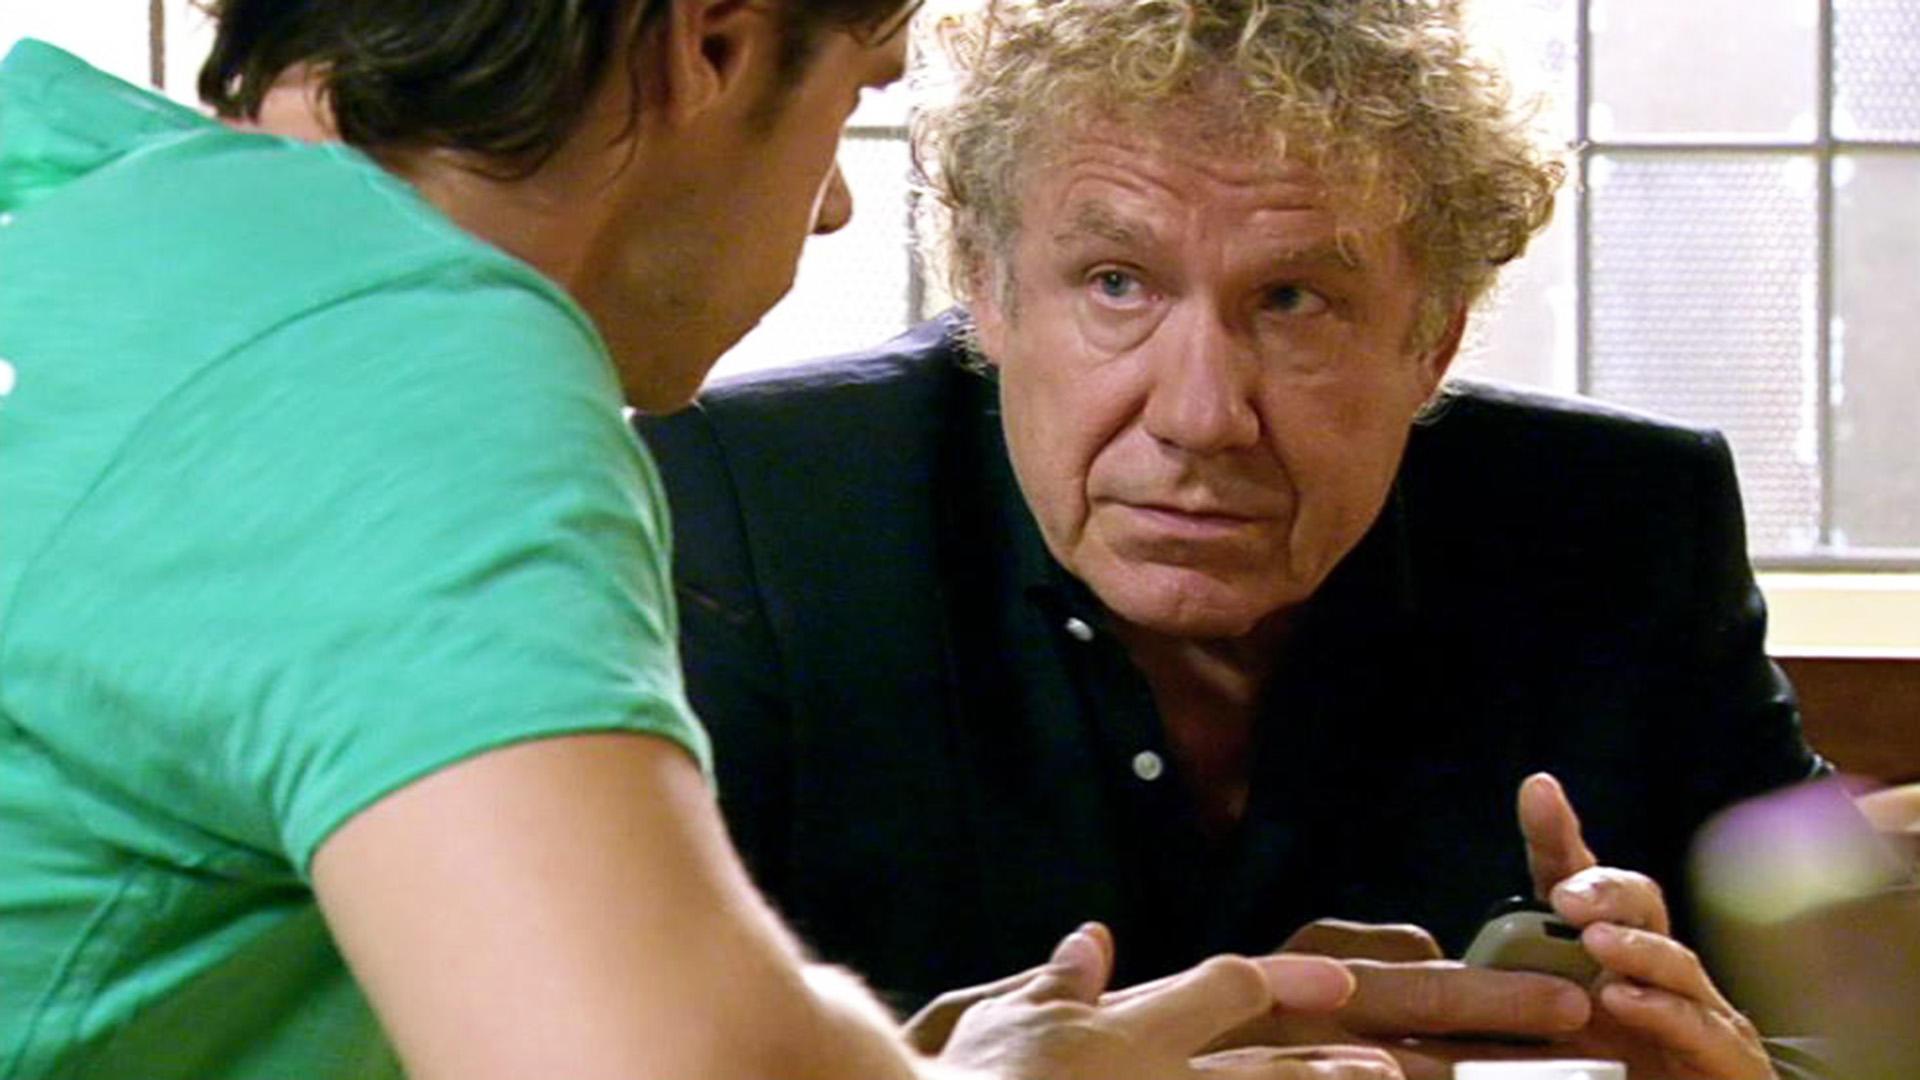 Peters Versicherungsbetrug bringt Lena in Lebensgefahr.